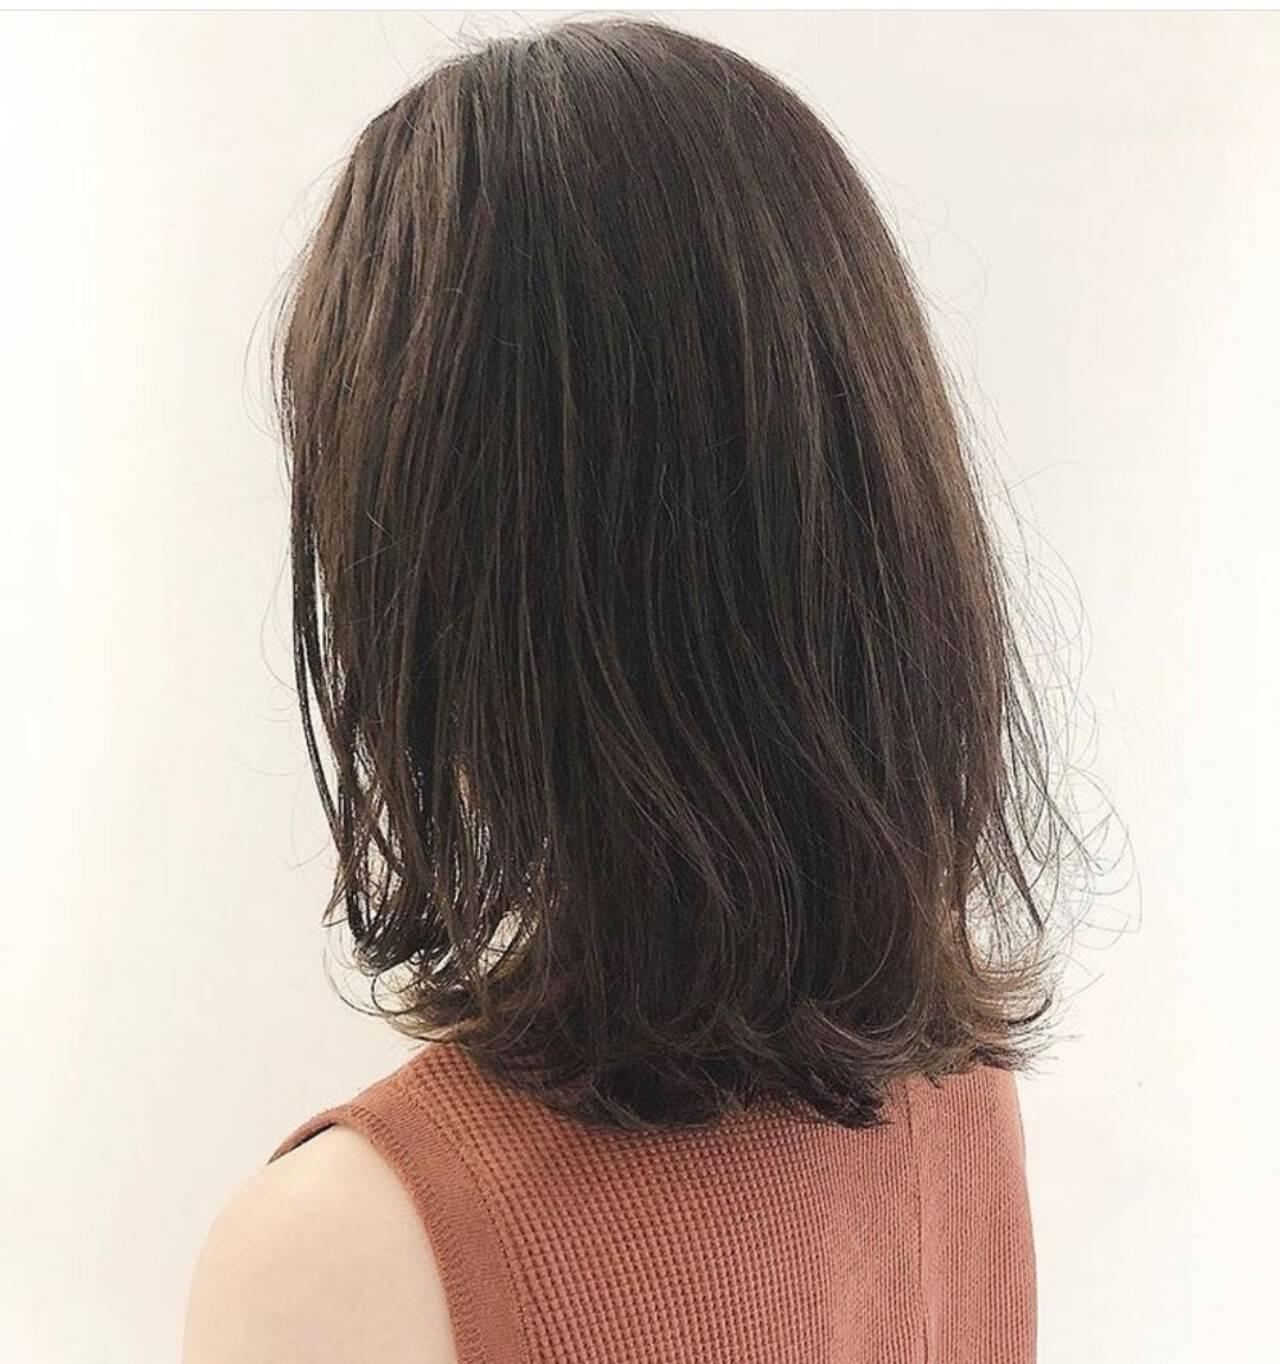 大人ヘアスタイル ナチュラル ミディアム 透明感カラーヘアスタイルや髪型の写真・画像